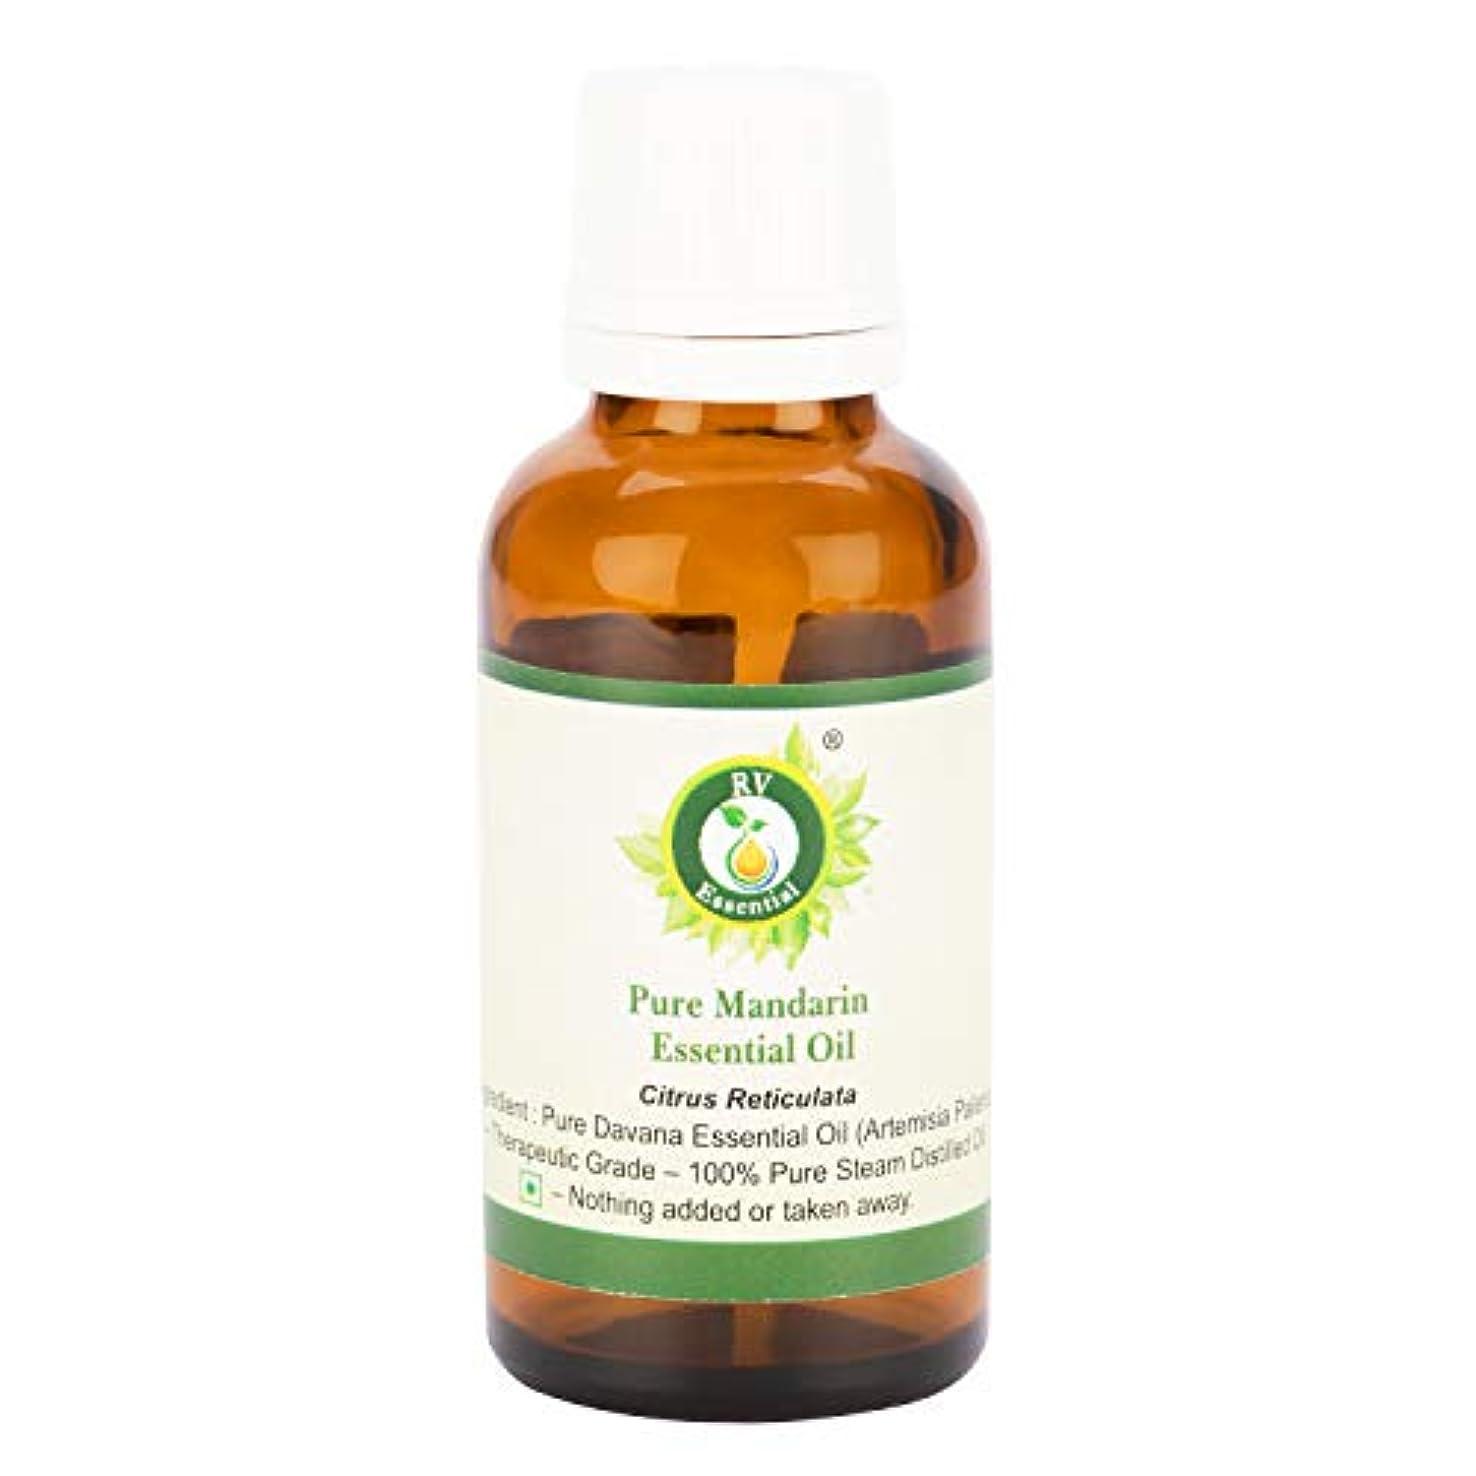 収容する失望させるパンツピュアマンダリンエッセンシャルオイル5ml (0.169oz)- Citrus Reticulata (100%純粋&天然スチームDistilled) Pure Mandarin Essential Oil